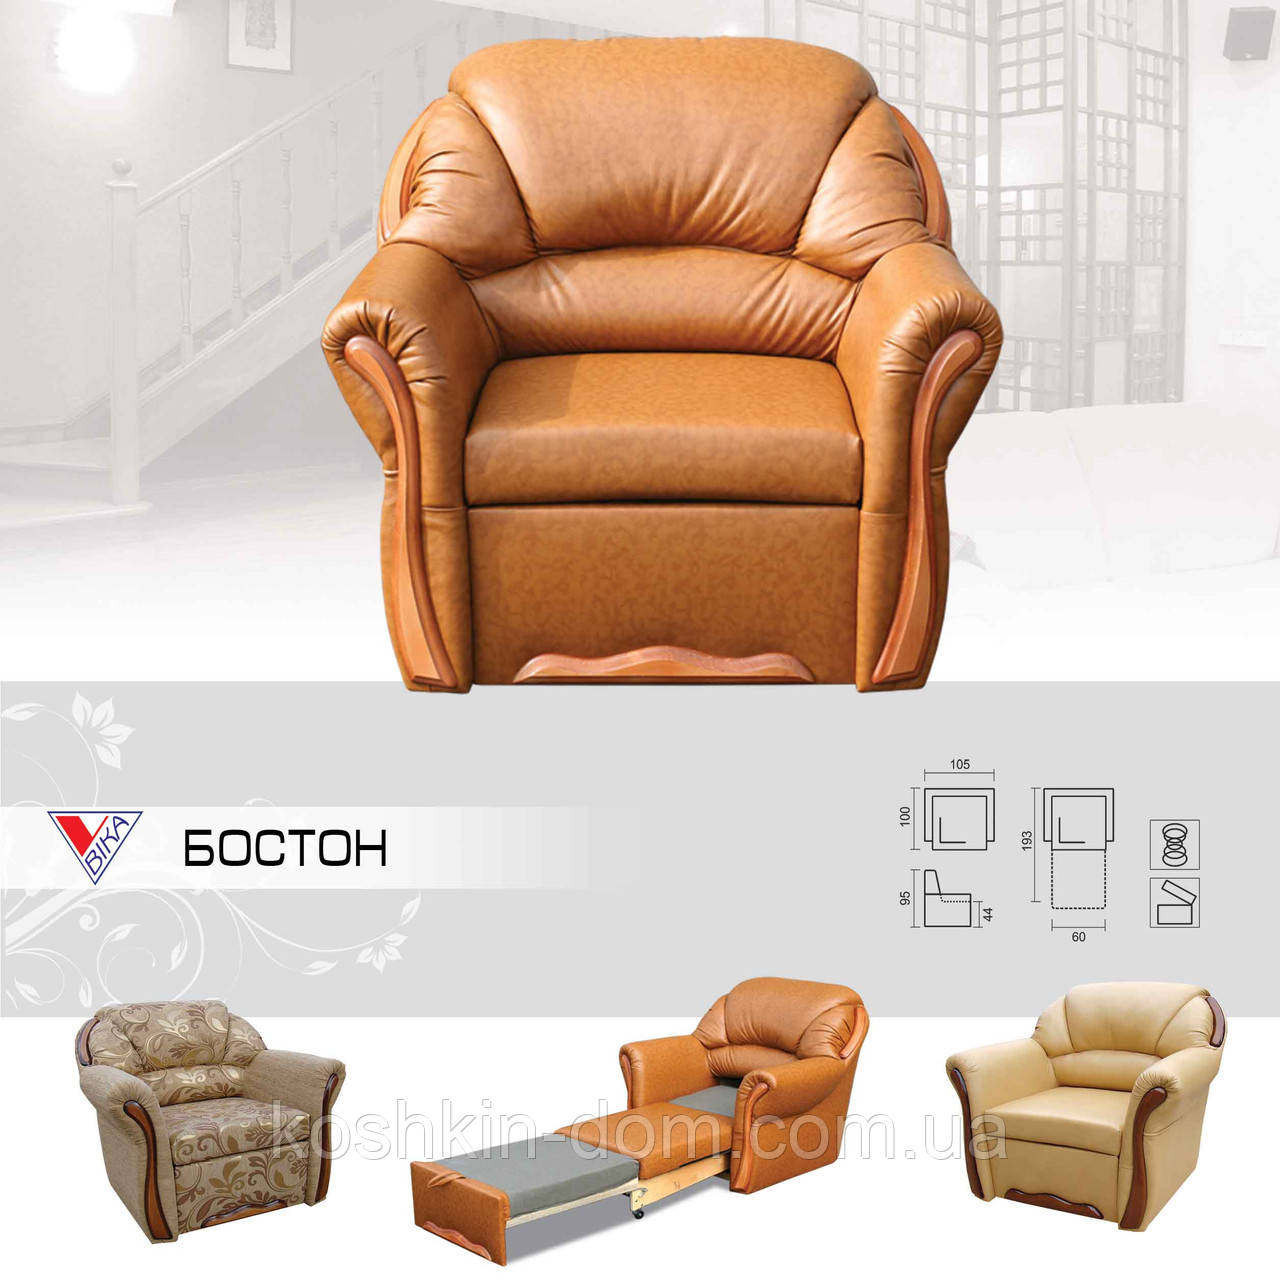 Кресло-кровать Бостон телескоп